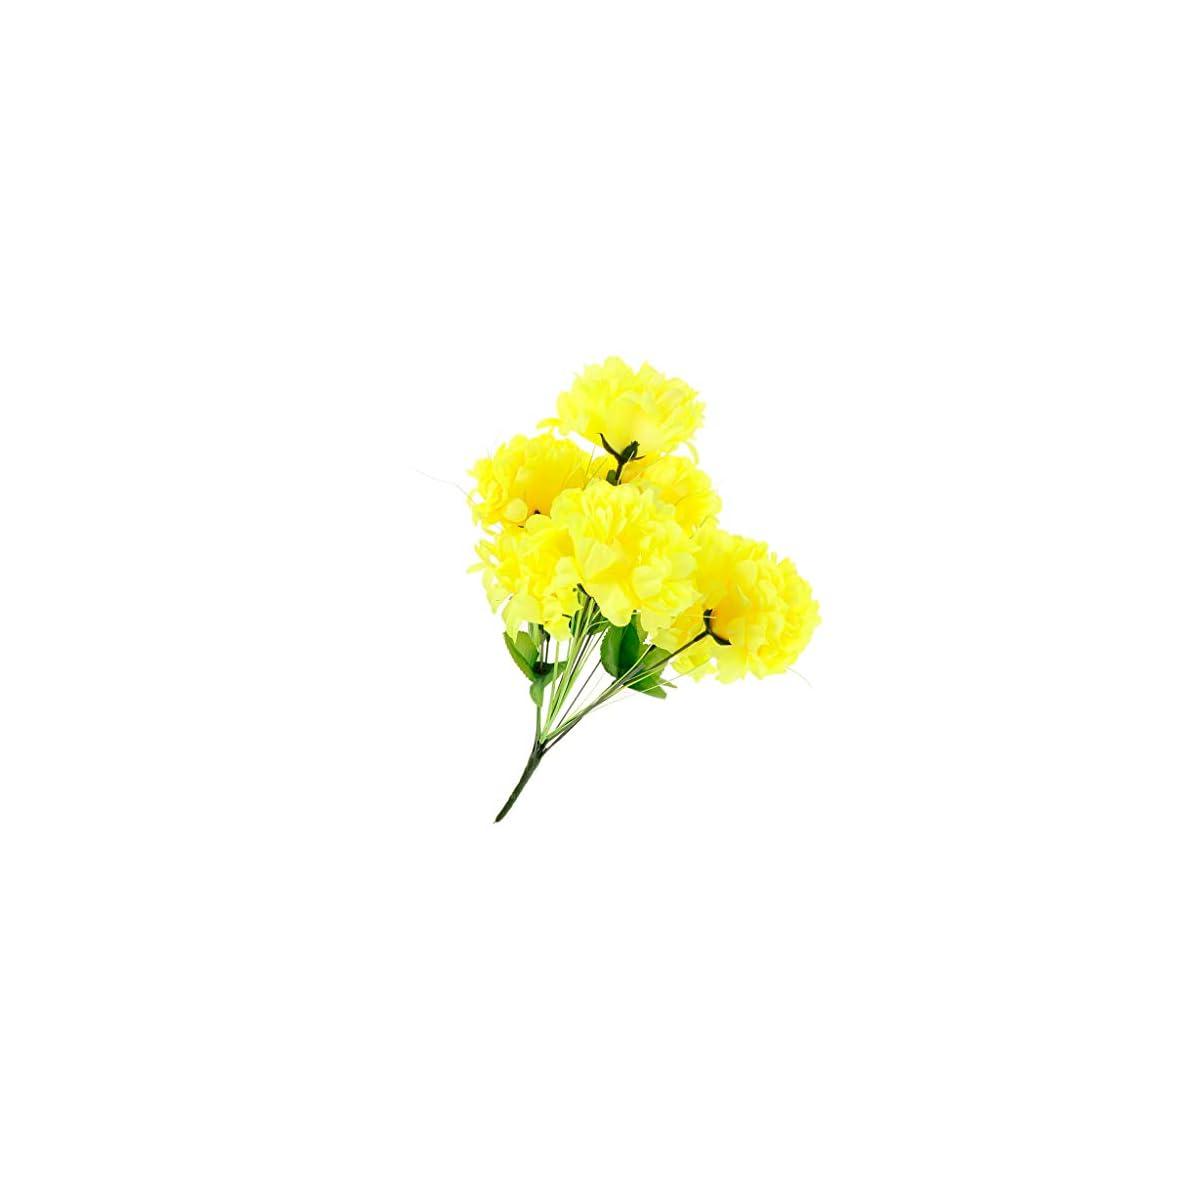 410YeyempSL. SS1200  - Fenteer Artificial Crisantemo Ramo Cementerio Tumba Flores Ramo Funeral Decoración